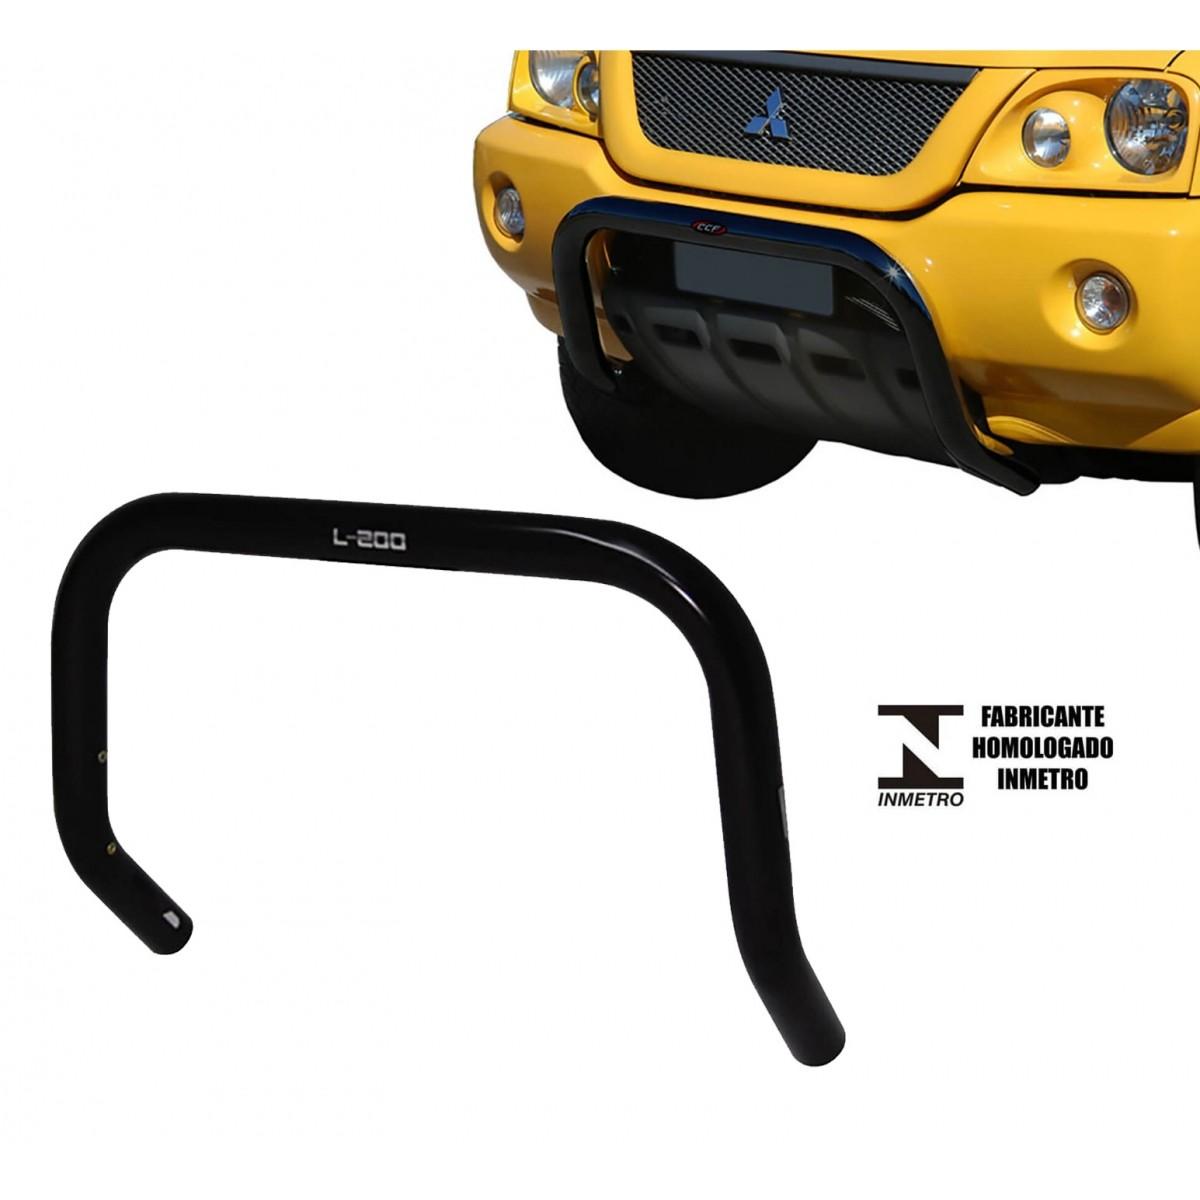 Para Choque Impulsão Sem Chapa Preto L200 Sport 2004 a 2007 ou L200 Outdoor 2007 a 2012